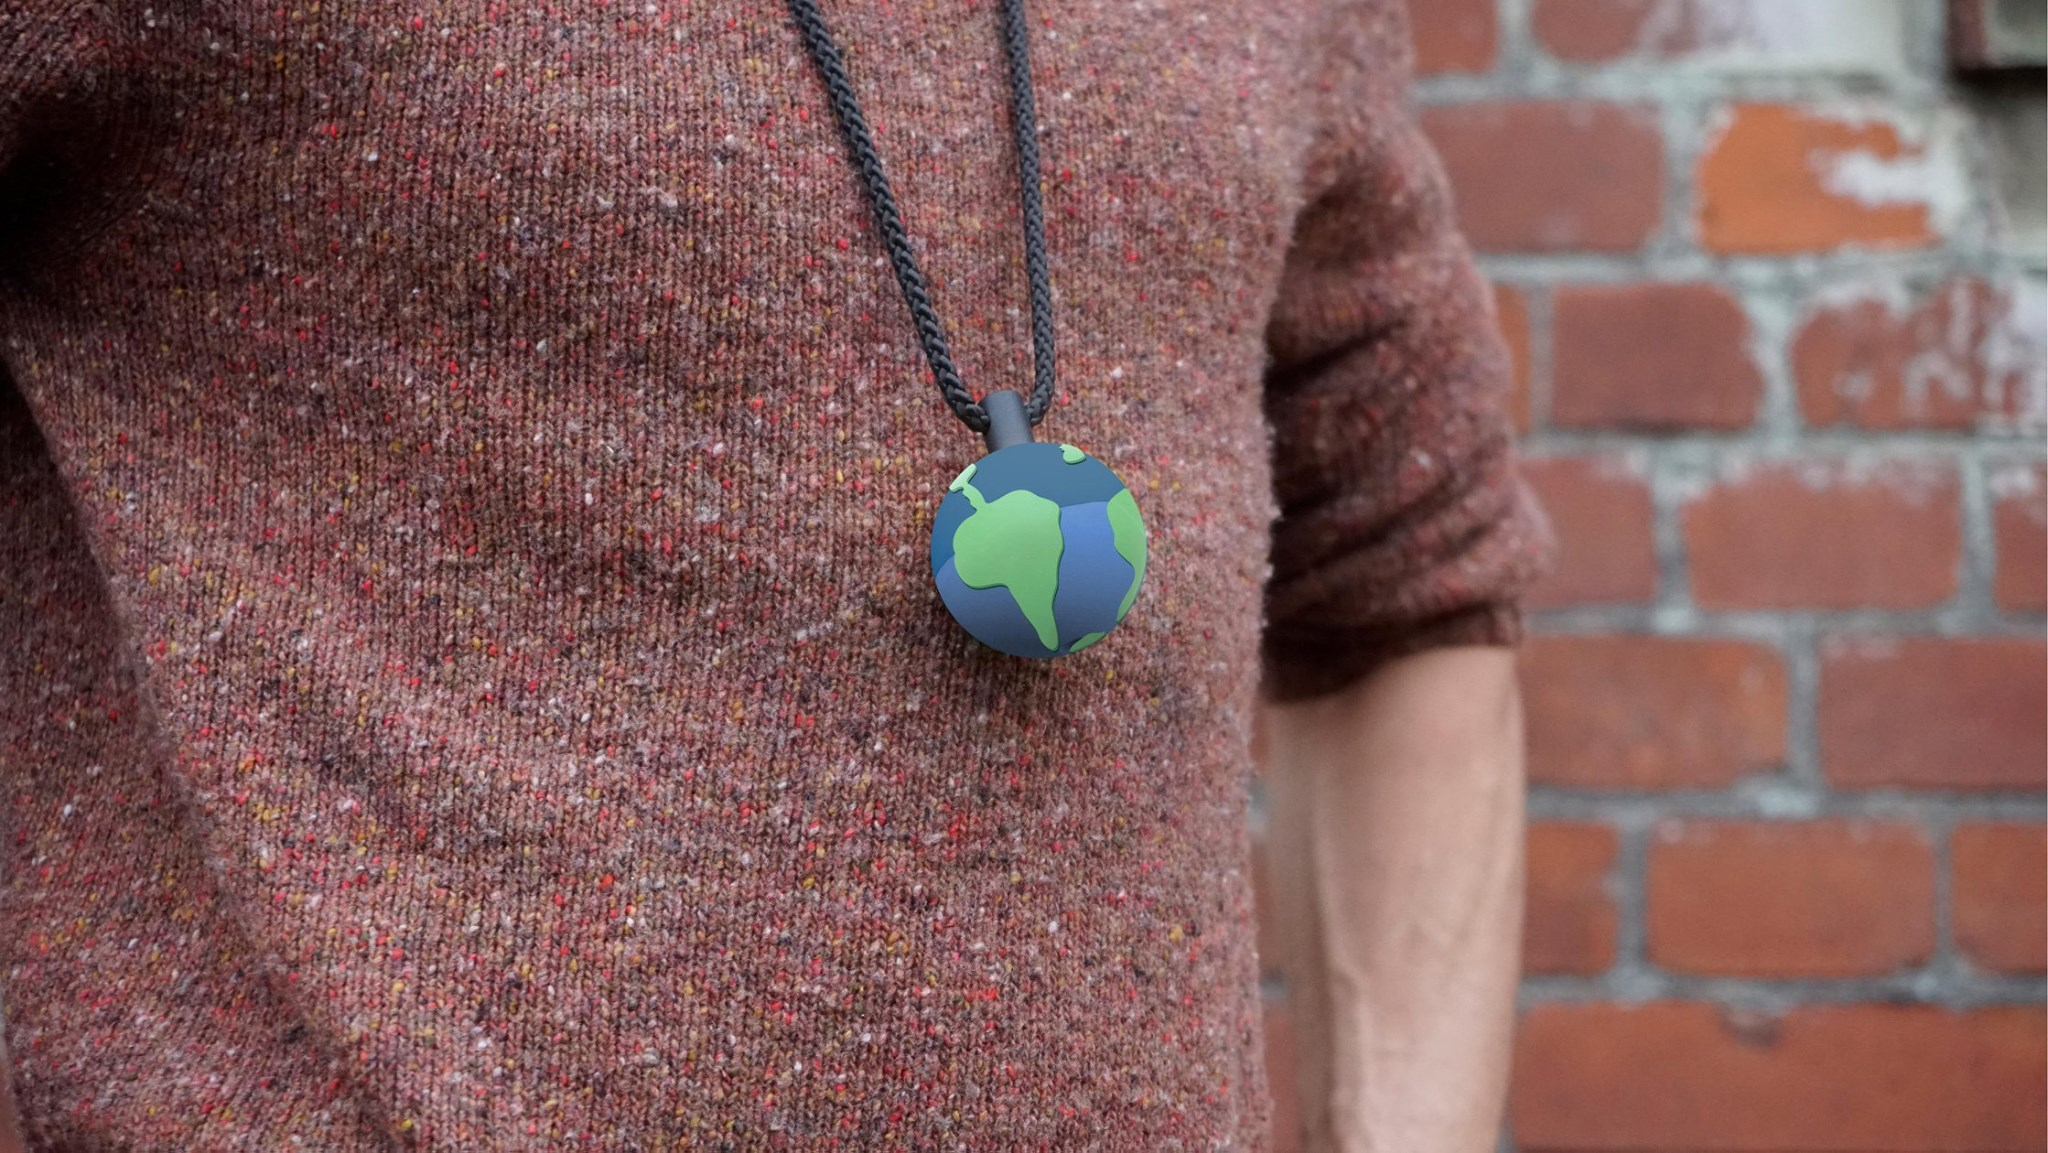 Diesen Ball könnt ihr zum Desinfizieren benutzen. (Foto: KÄFFERLEIN & KÖHNE GmbH & Co. KG)